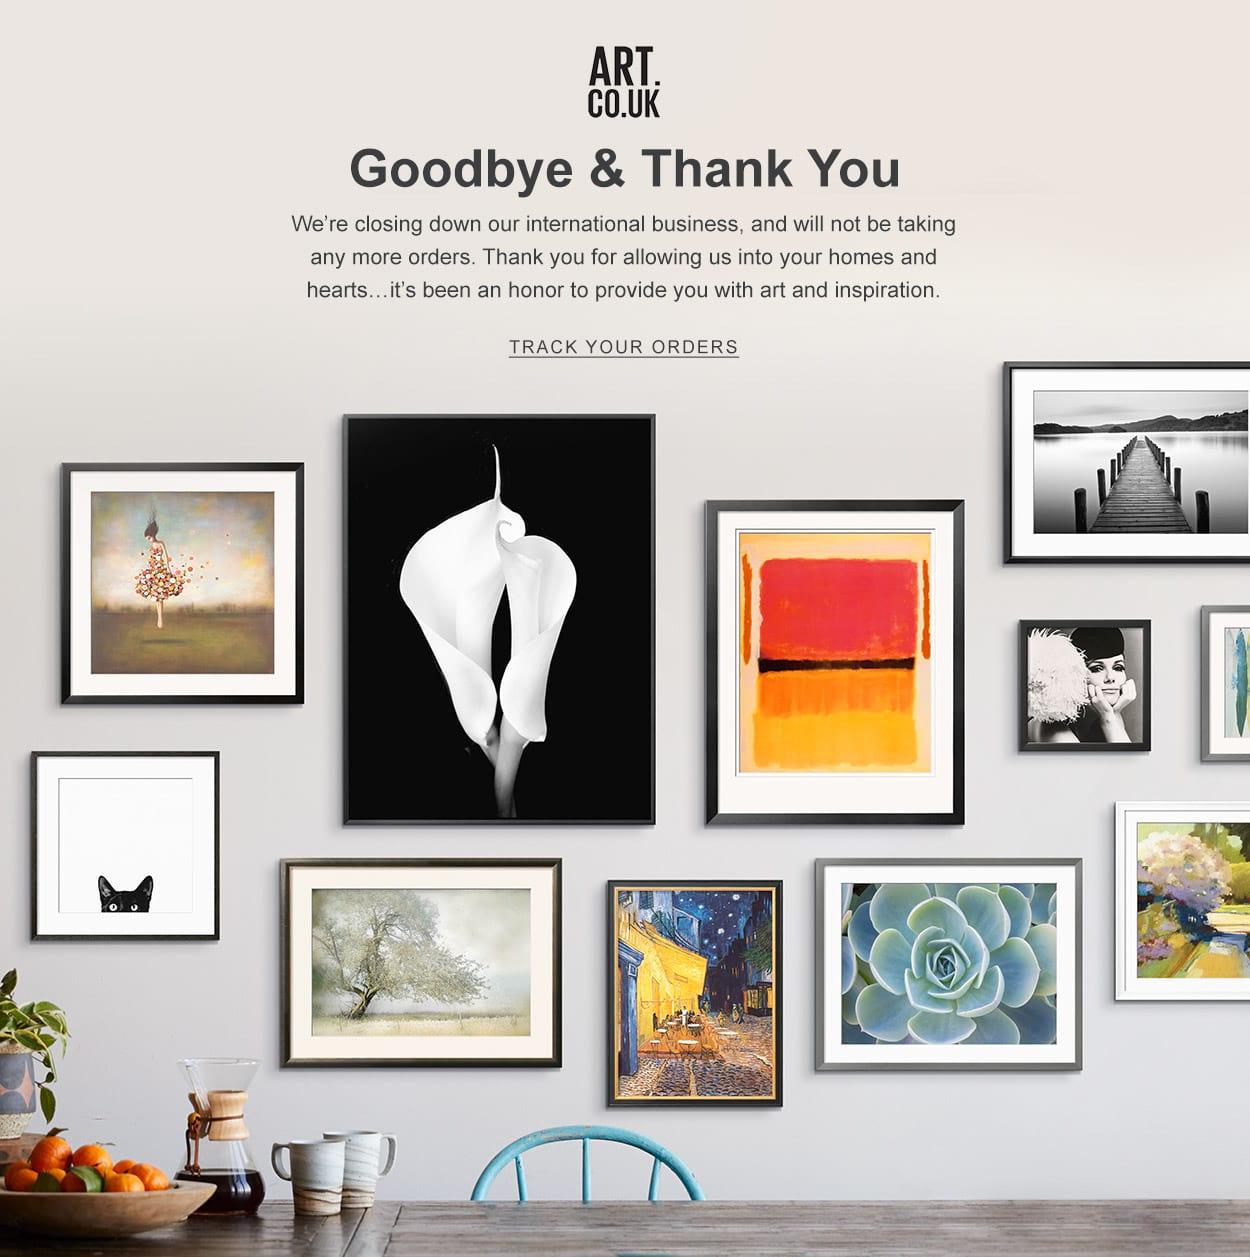 Art.UK Closing Business Message